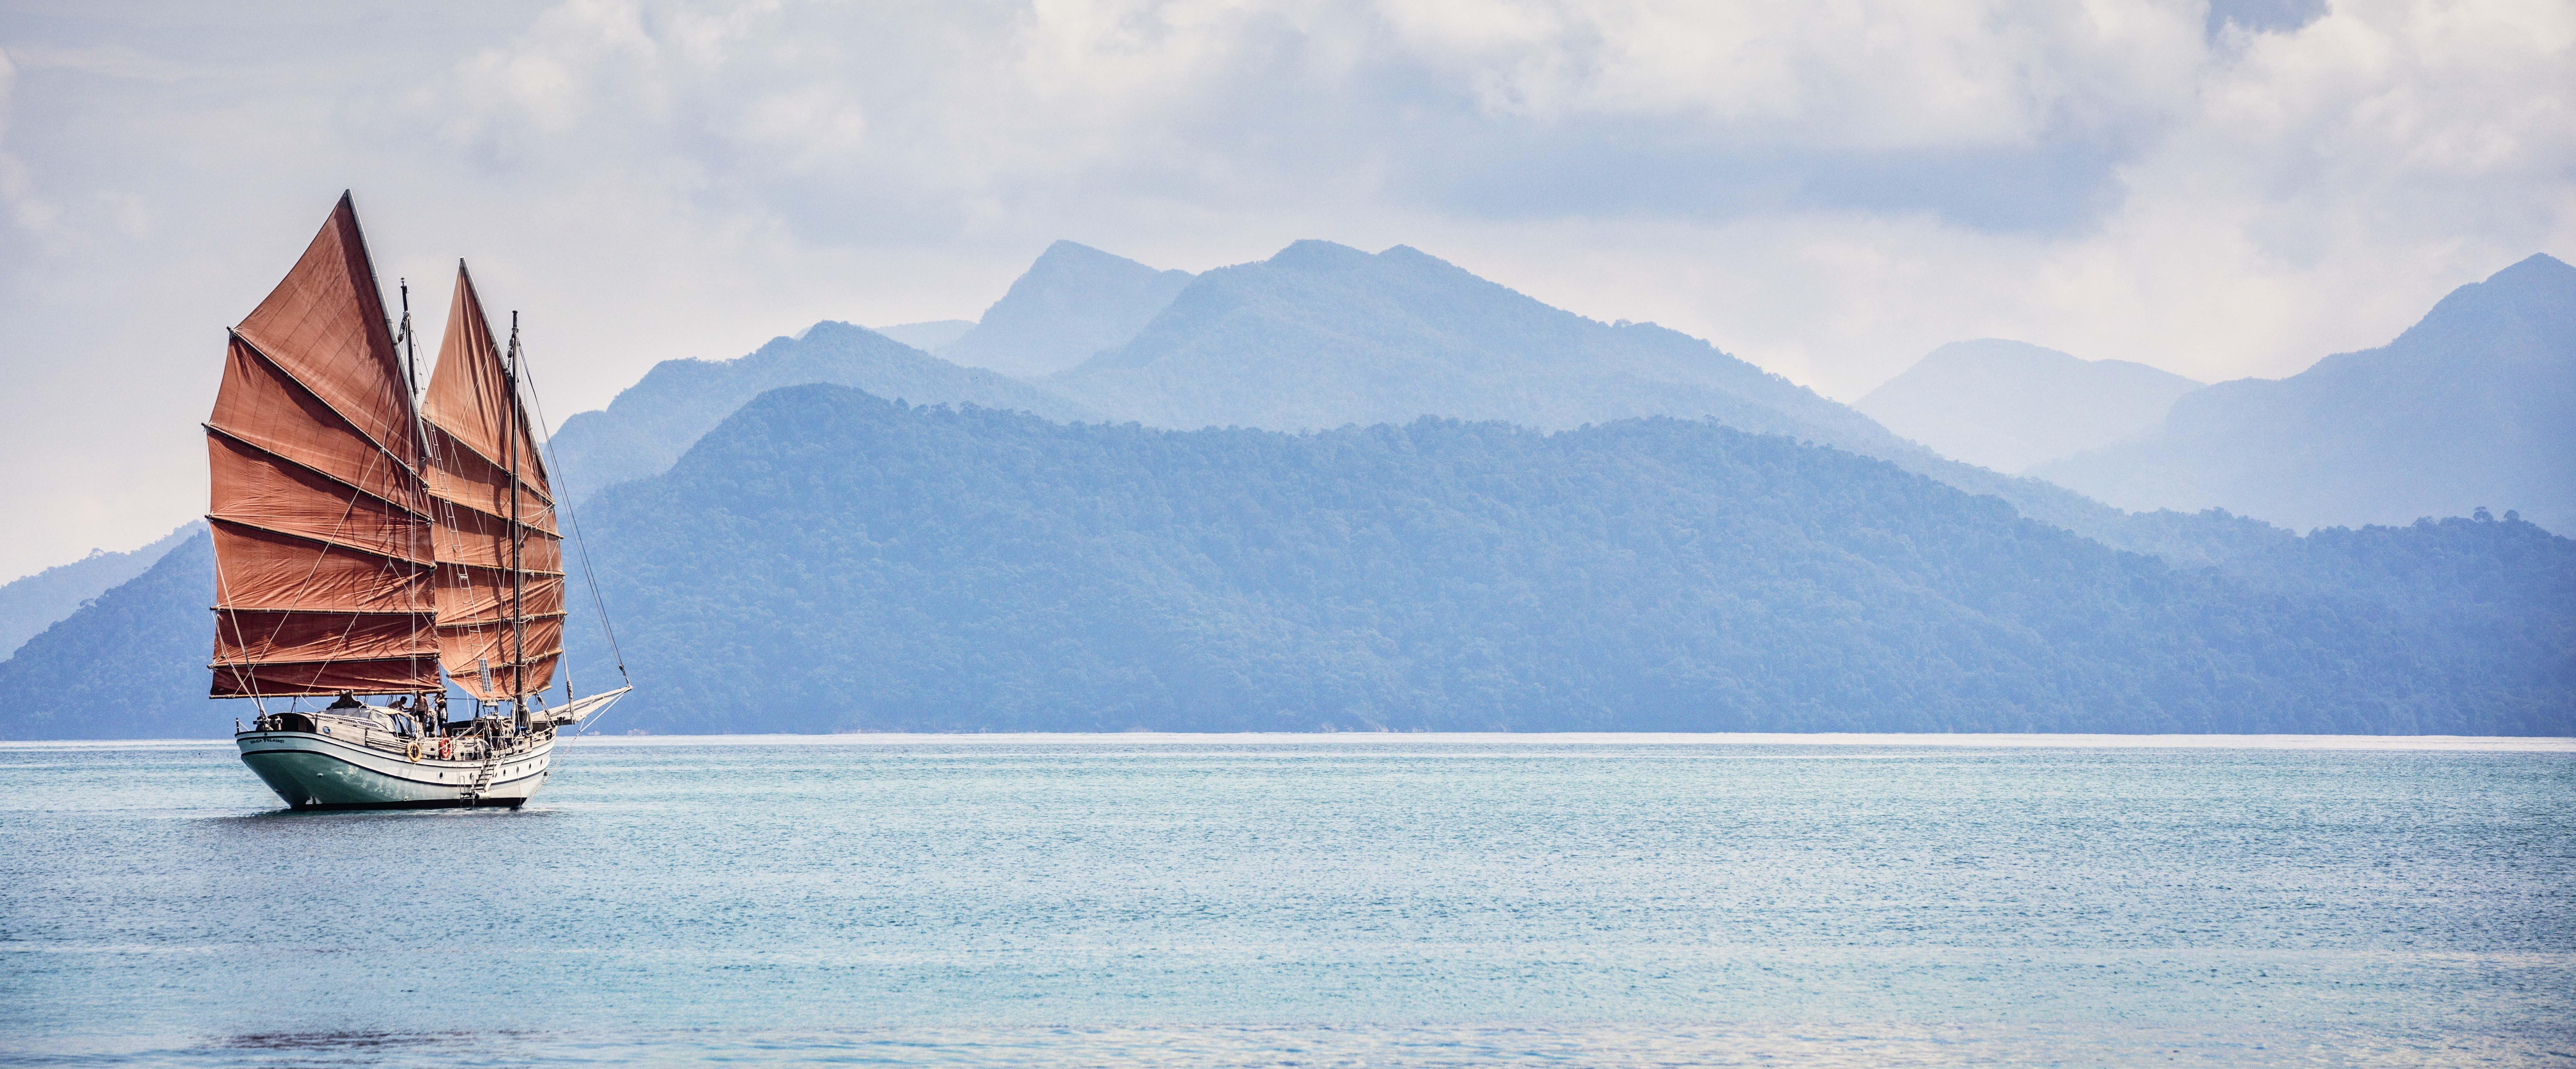 Naga-Pelangi-Bay-Cruise-Langkawi